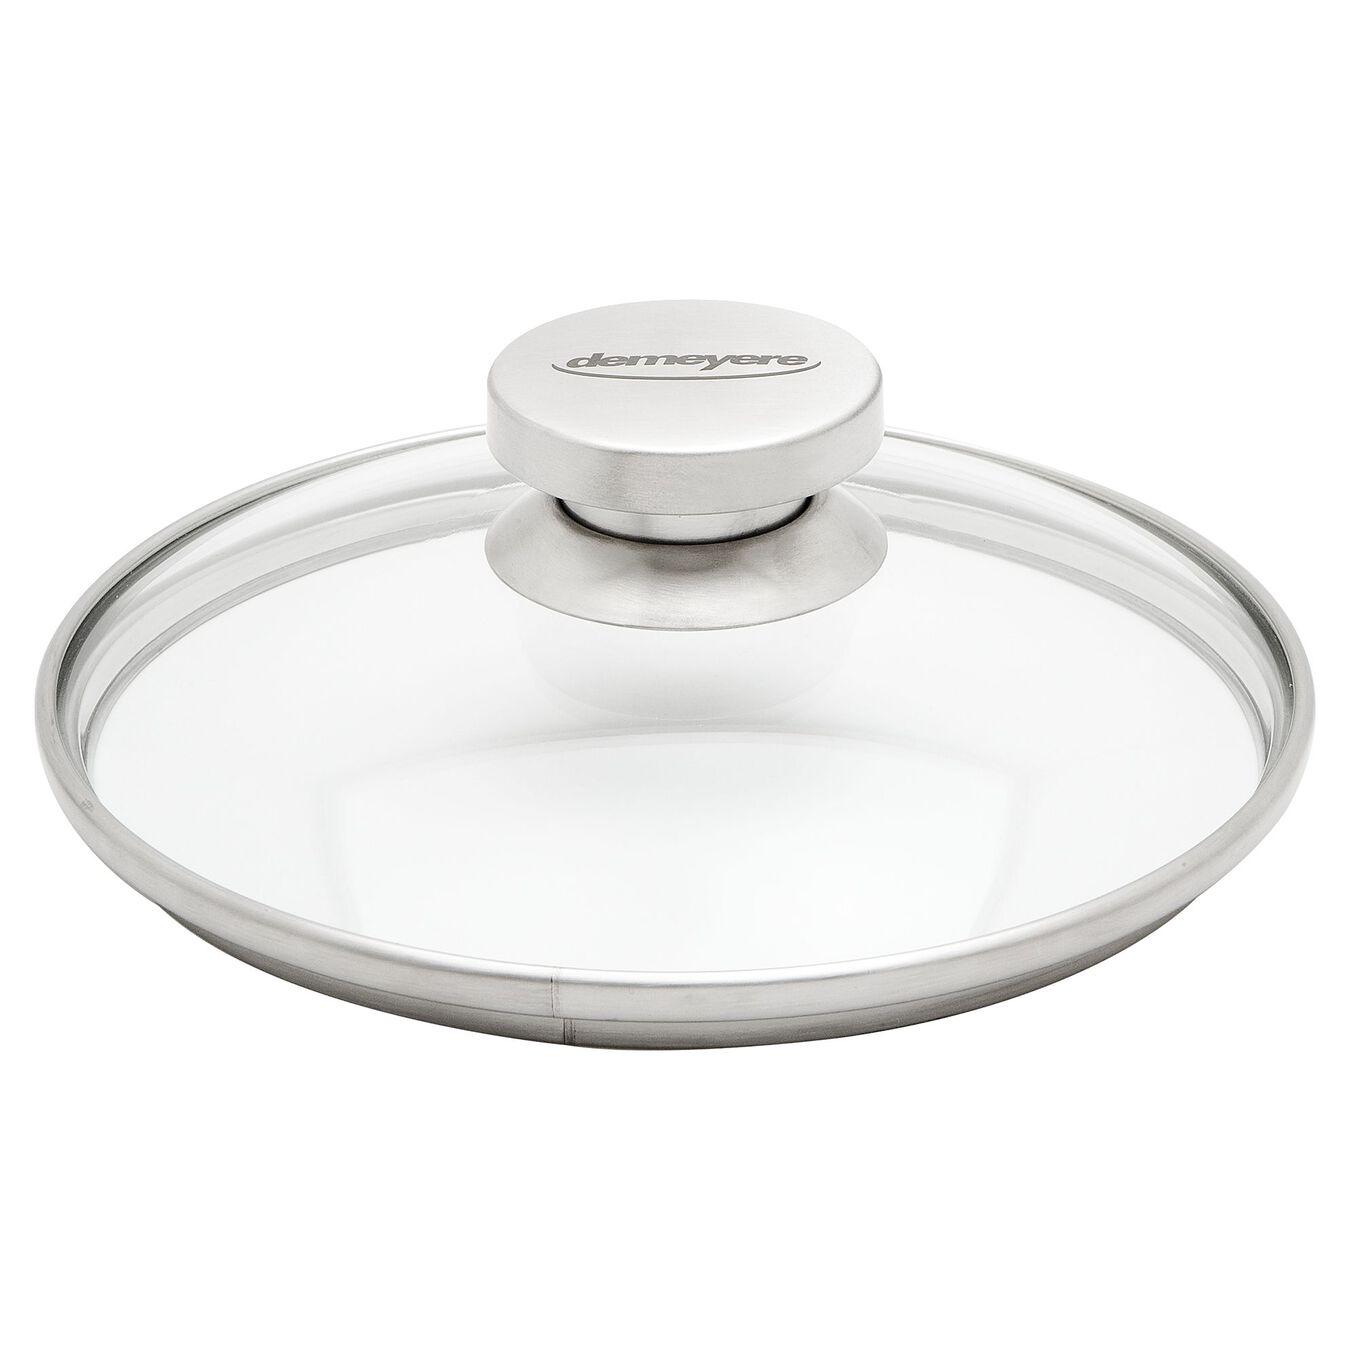 Deckel, 16 cm | rund | Glas,,large 1